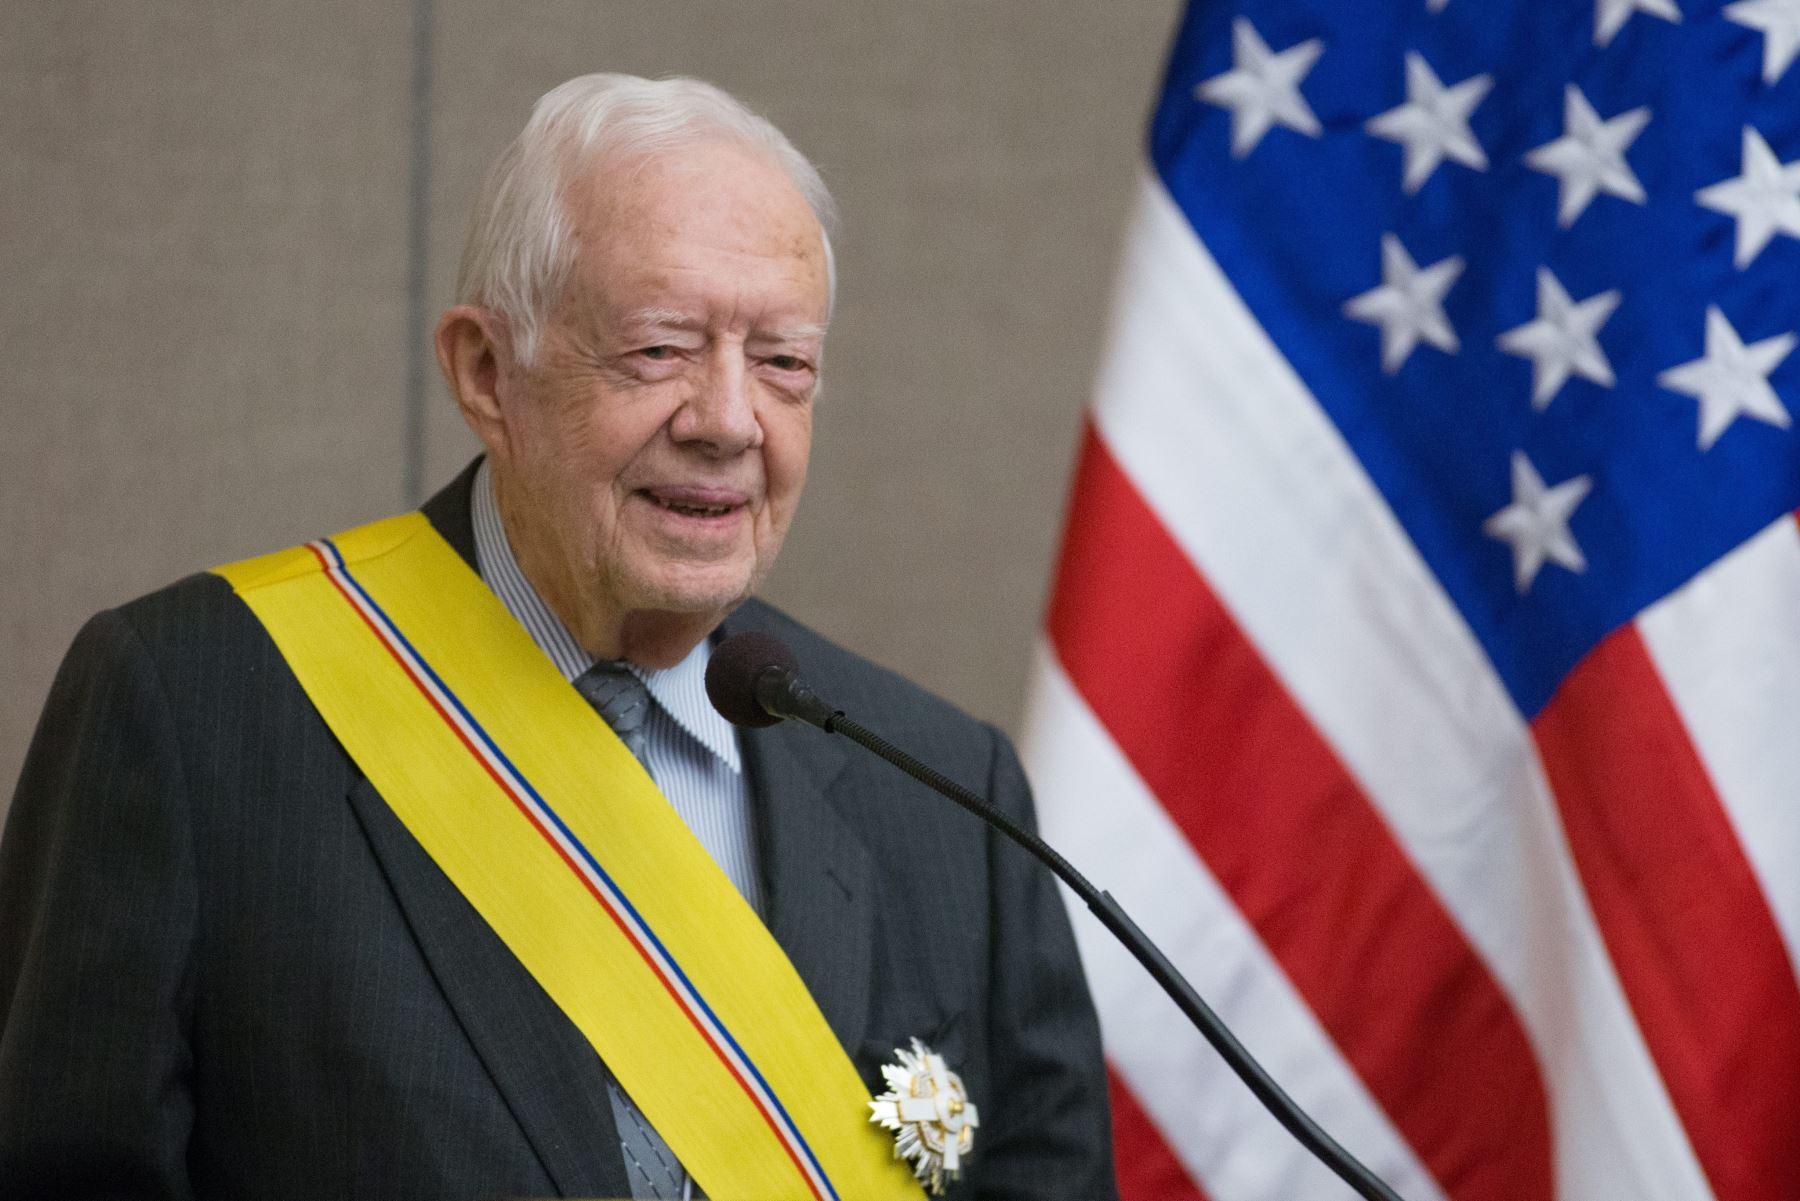 Jimmy Carter, el expresidente más longevo de la historia de EE. UU., cumple 97 años